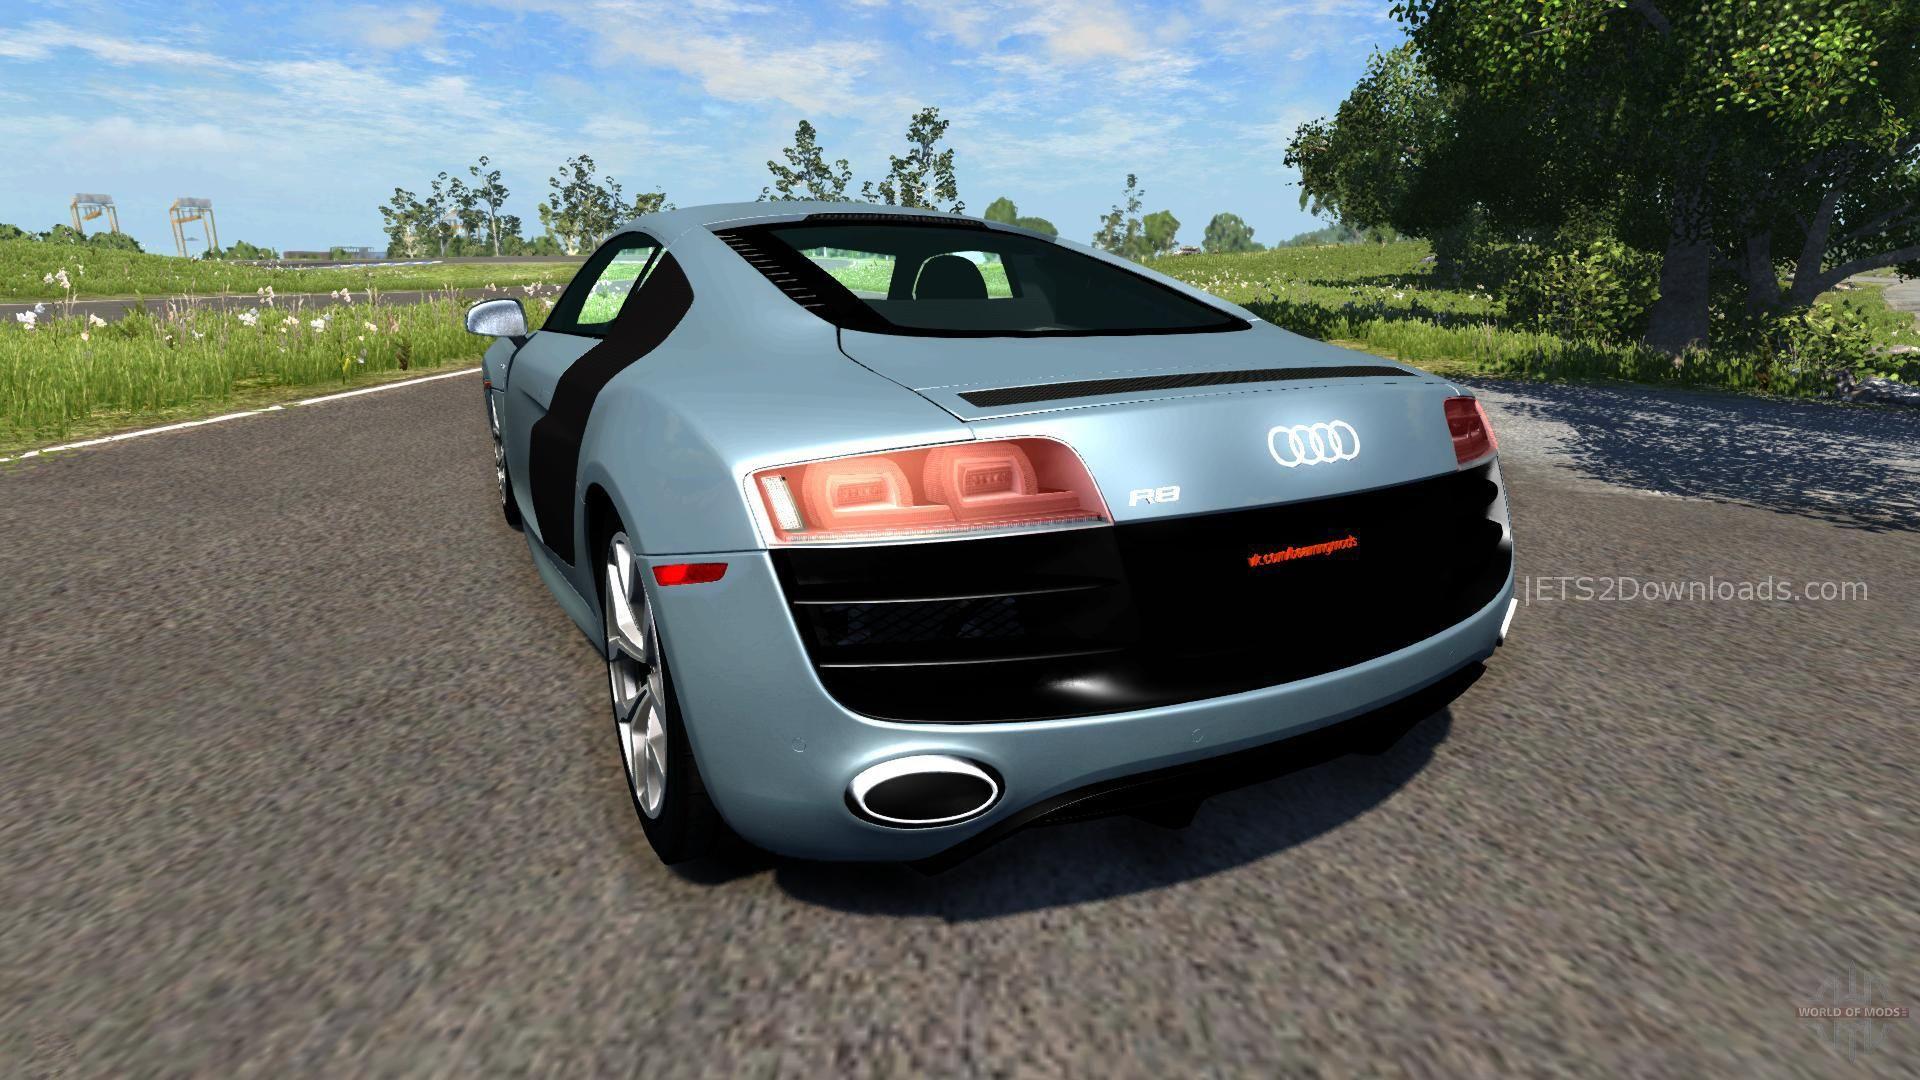 Audi R8 v10 ETS2 - ETS2 Mods